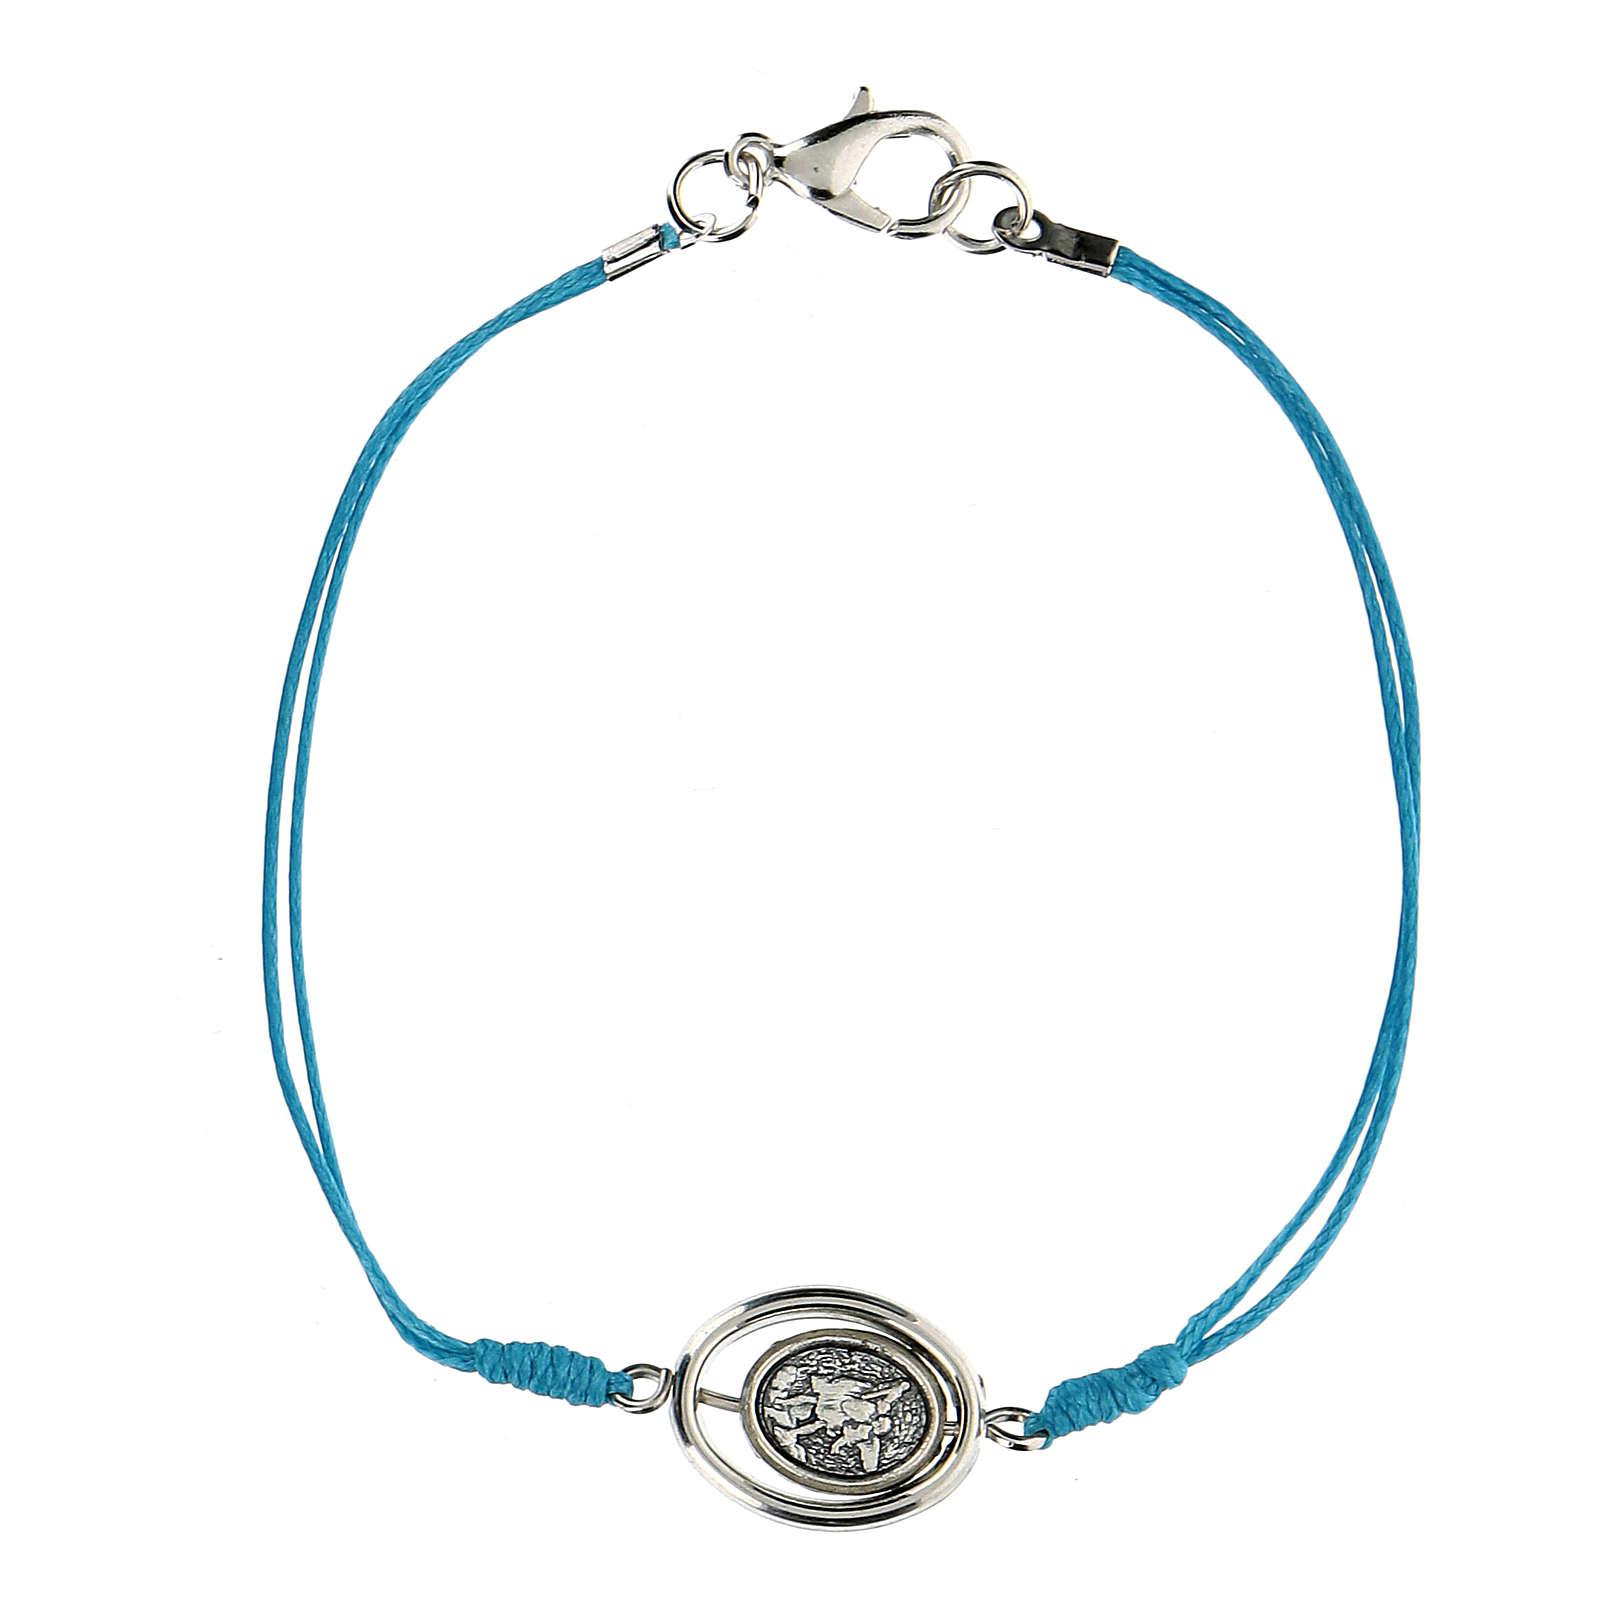 Braccialetto Angioletti corda azzurra 9 mm 4